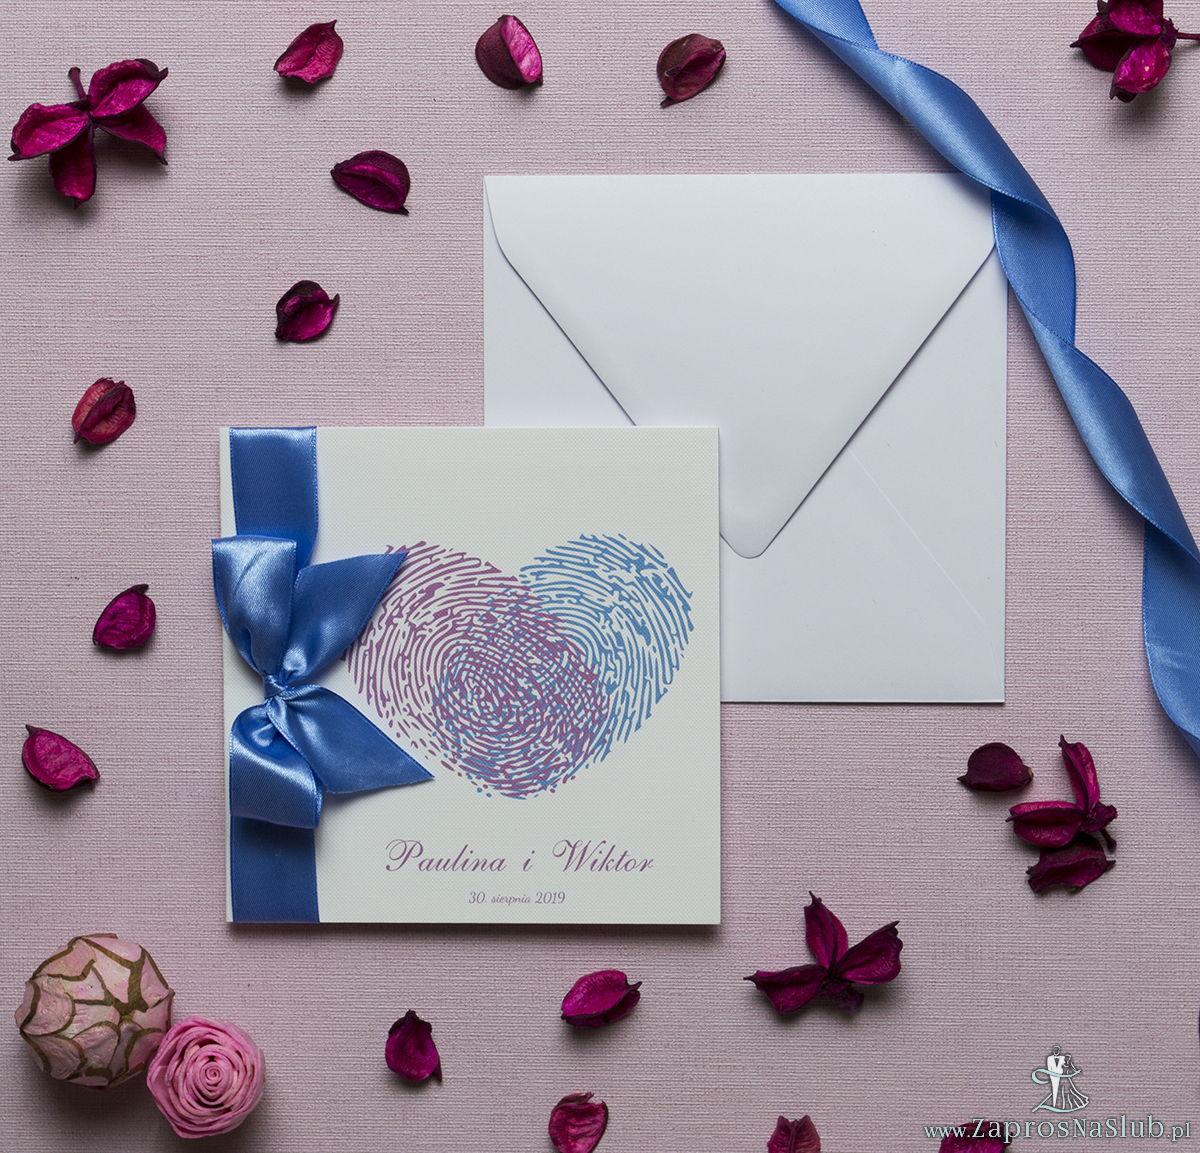 Kwadratowe zaproszenia ślubne z sercem składającym się z odcisków palców oraz z niebieską wstążką. ZAP-84-04